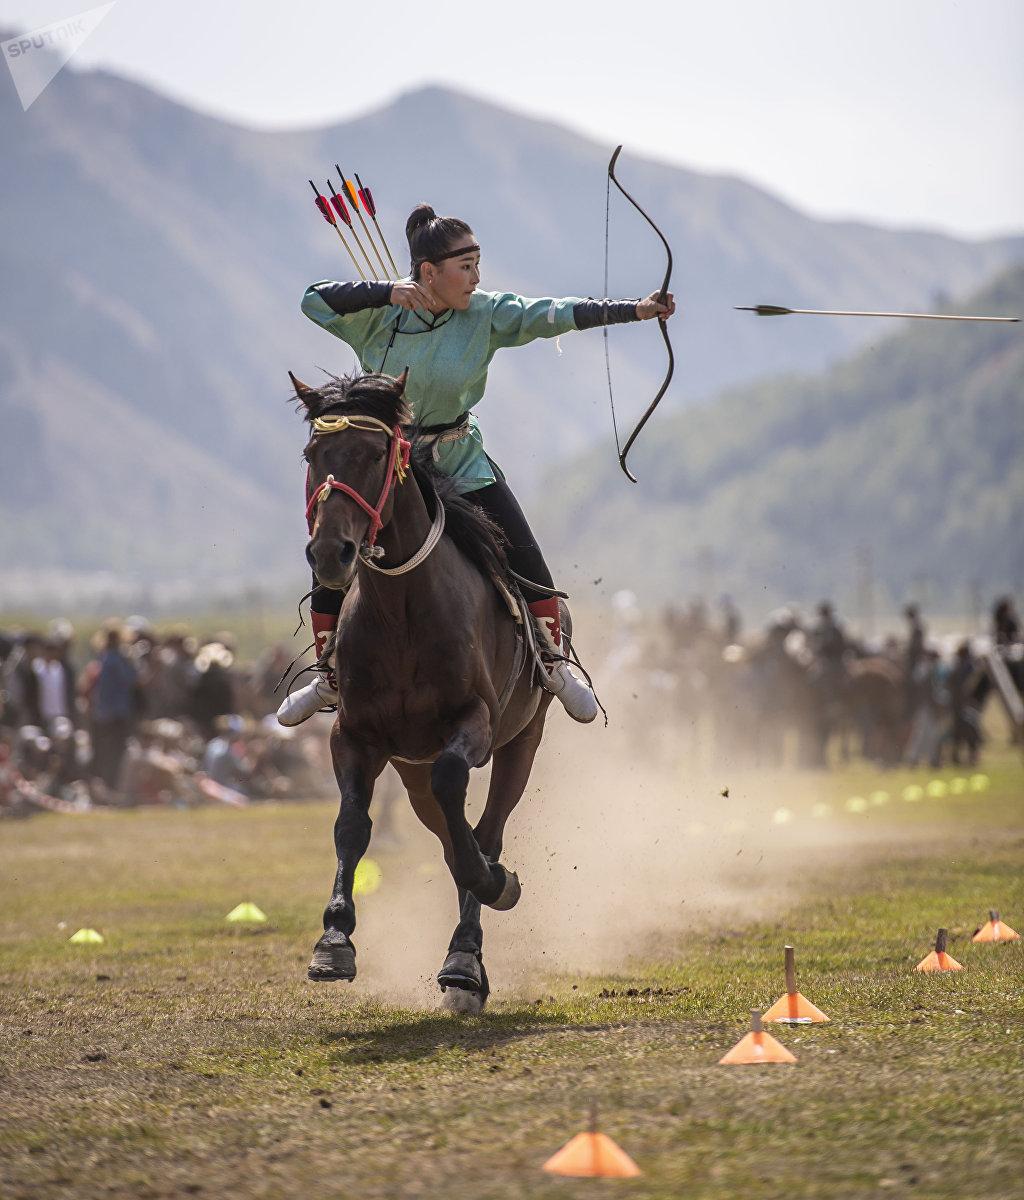 Участница третьих всемирных игр кочевников, представительница из Монголии Конгорзул Батбаатарды во время стрельбы из лука на лошадях в ущелье Кырчын